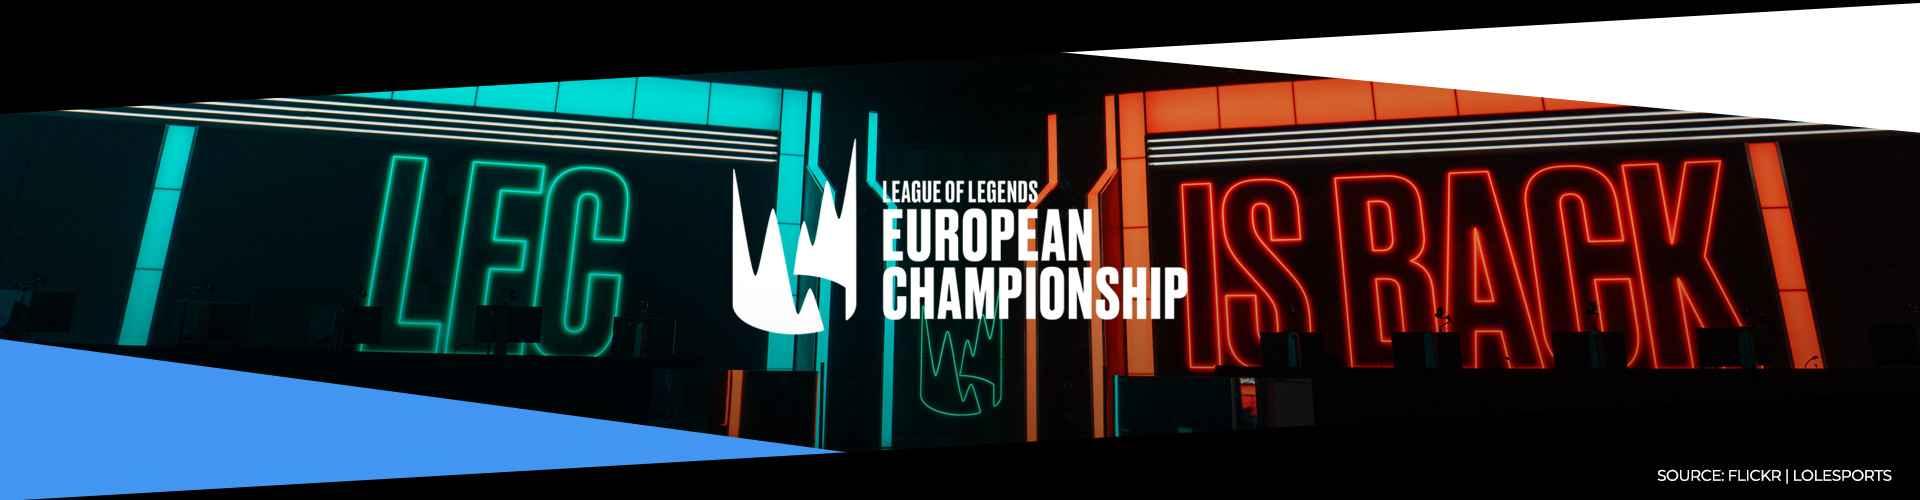 Eventsida för LEC och dess sommarsäsong 2020.